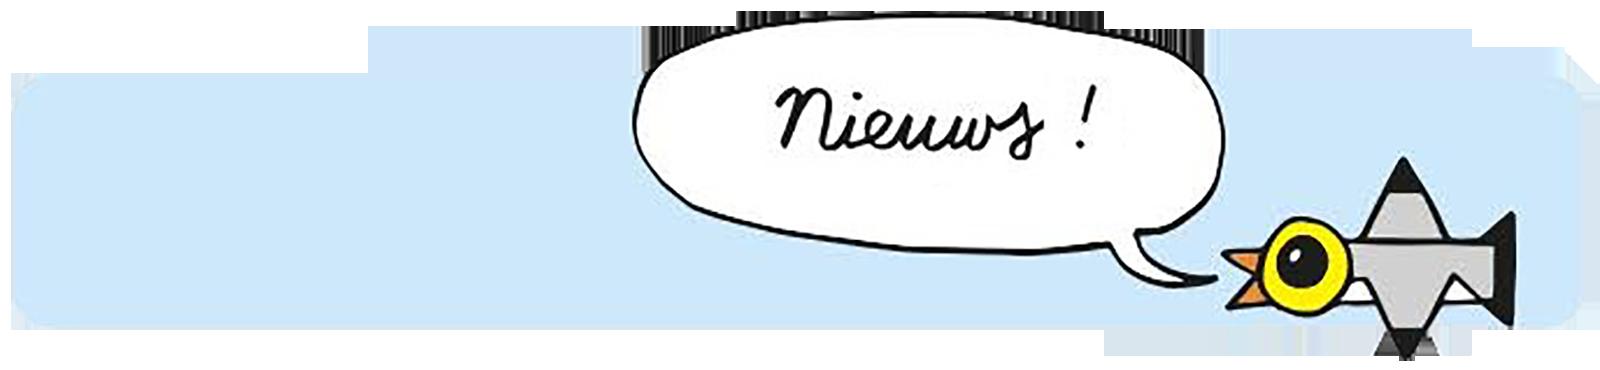 Logo-nieuws!1600x370